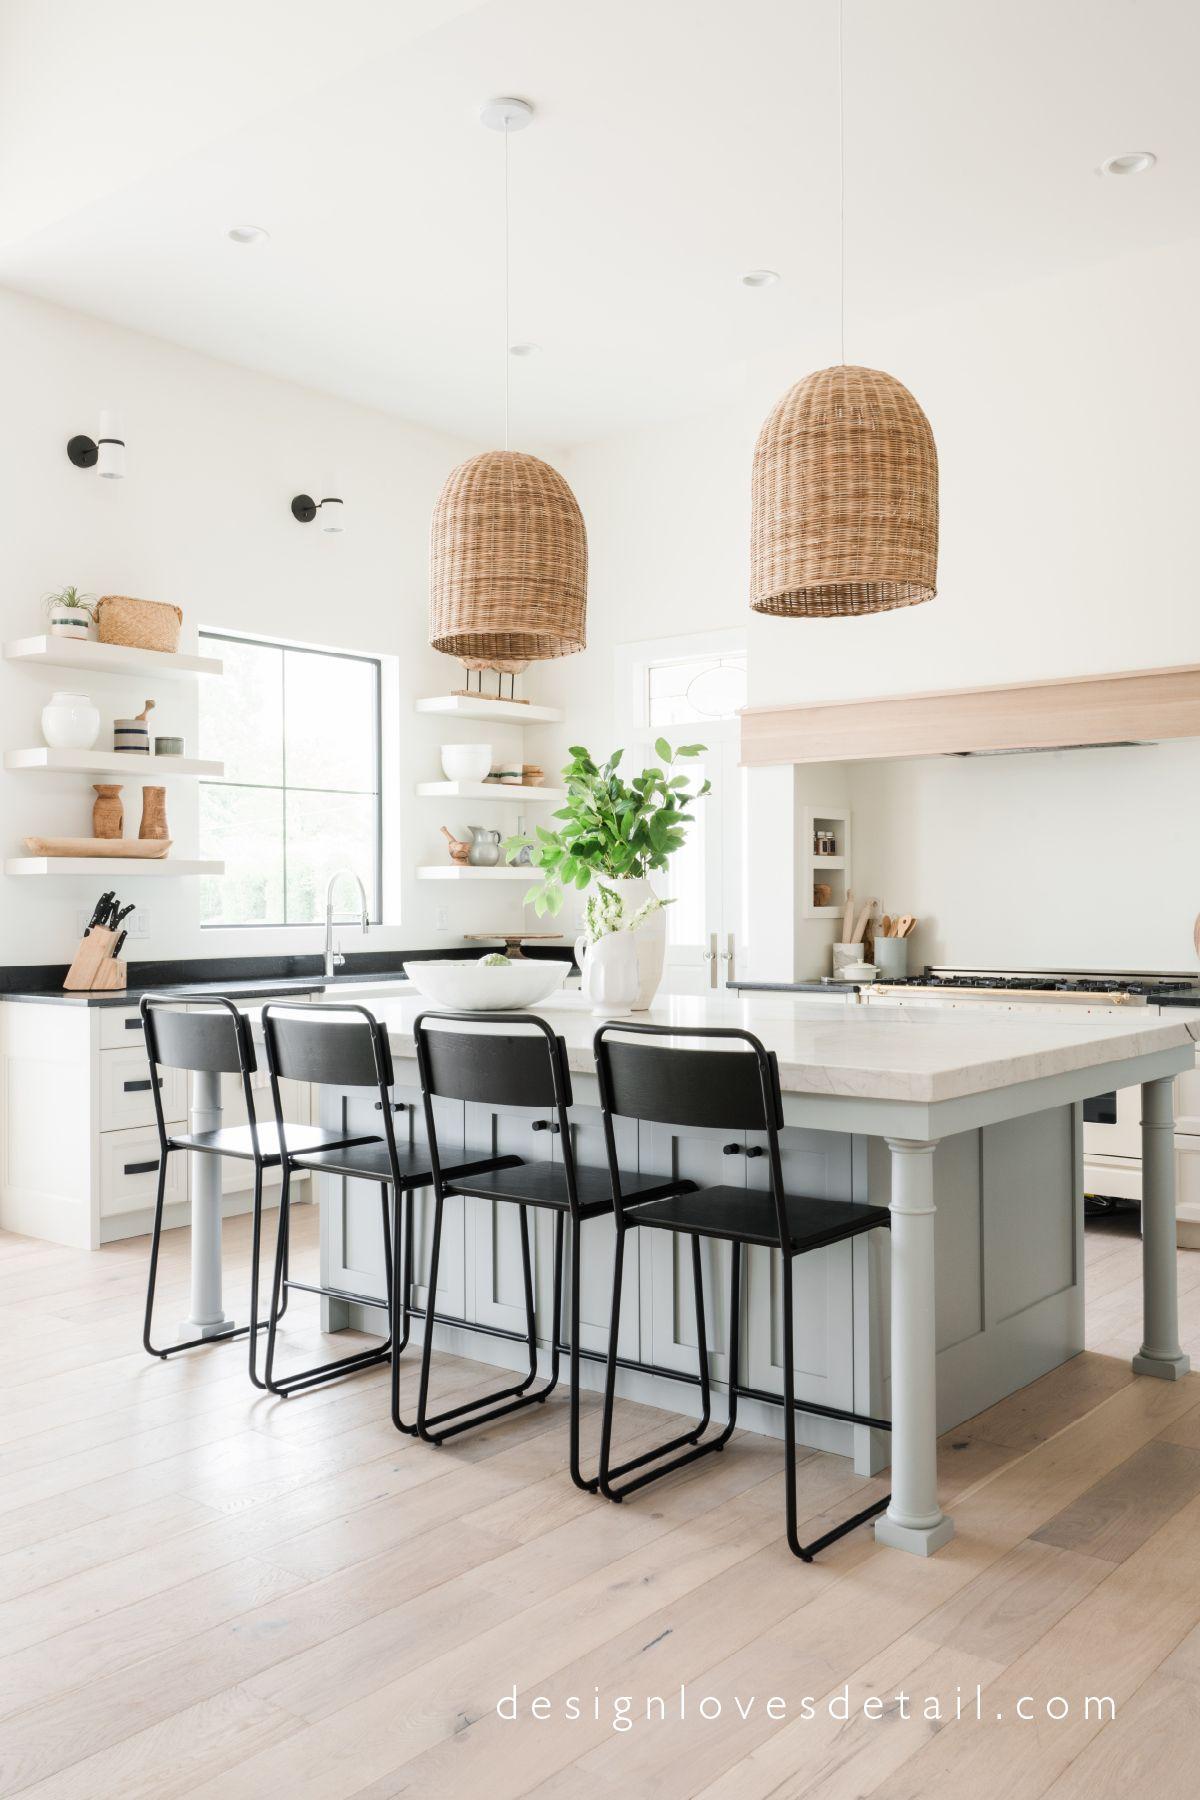 Küchendesign grün i feel confident that i found your dream kitchen in   kitchens